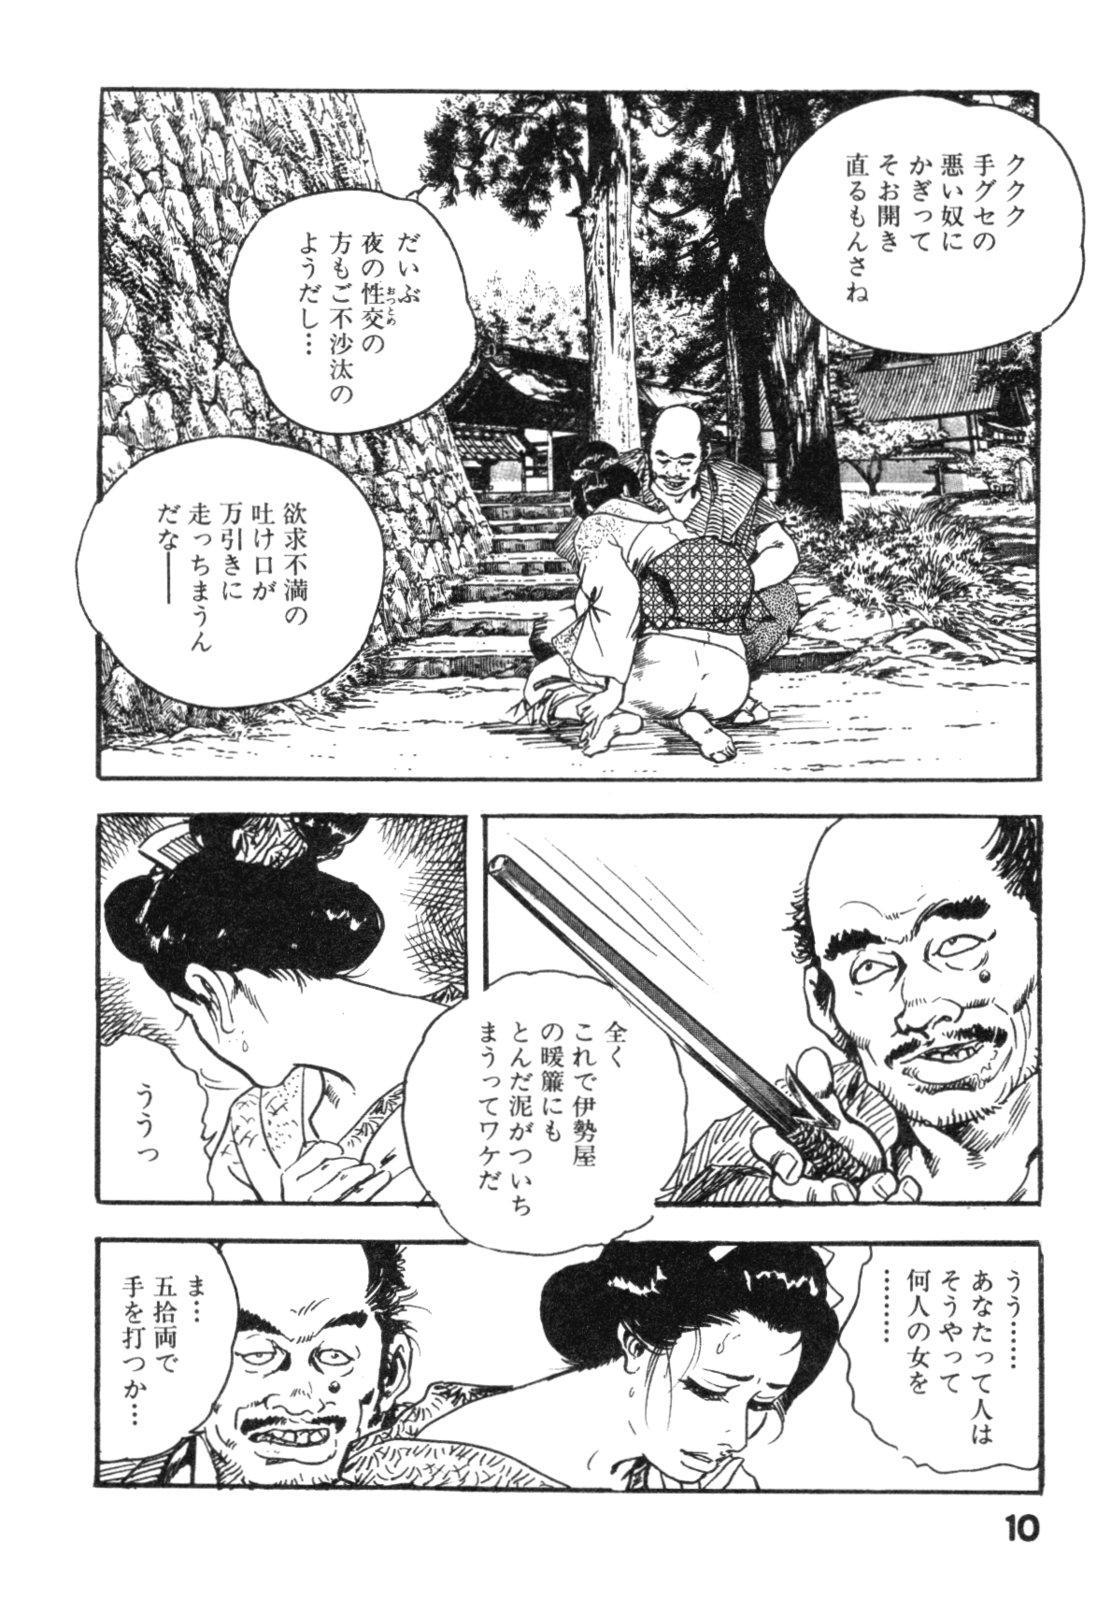 Jidaigeki Series 2 ~ Midare Kannon 12